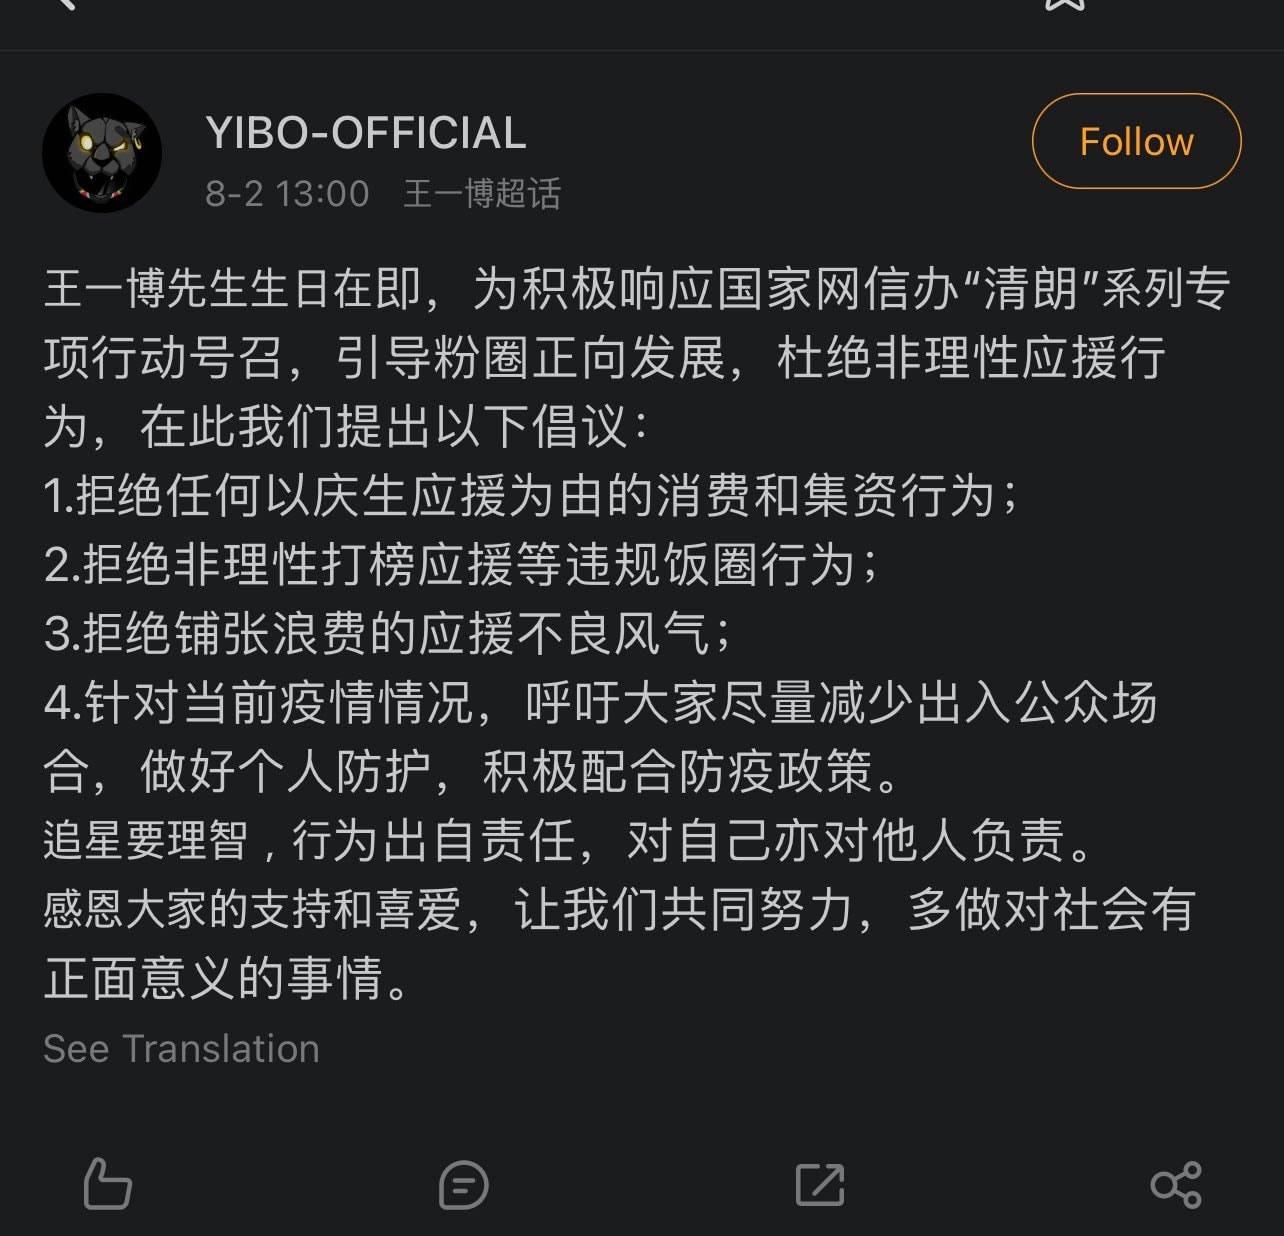 Dễ thương như fan Vương Nhất Bác: Tổ chức sinh nhật không màu mè, diêm dúa, làm từ thiện để lan tỏa tình yêu 2